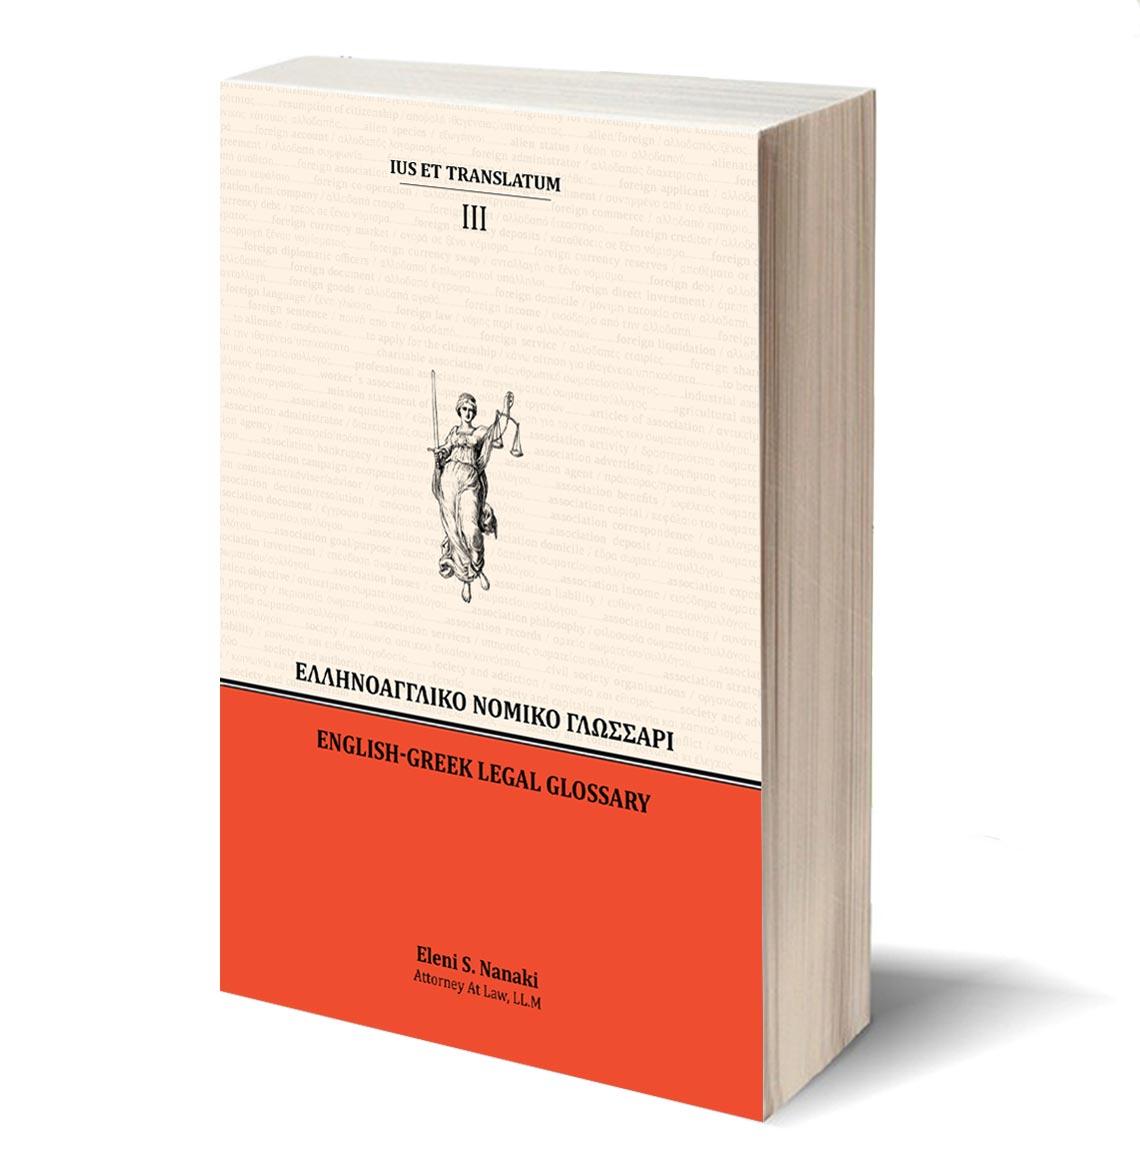 IUS ET TRANSLATUM III